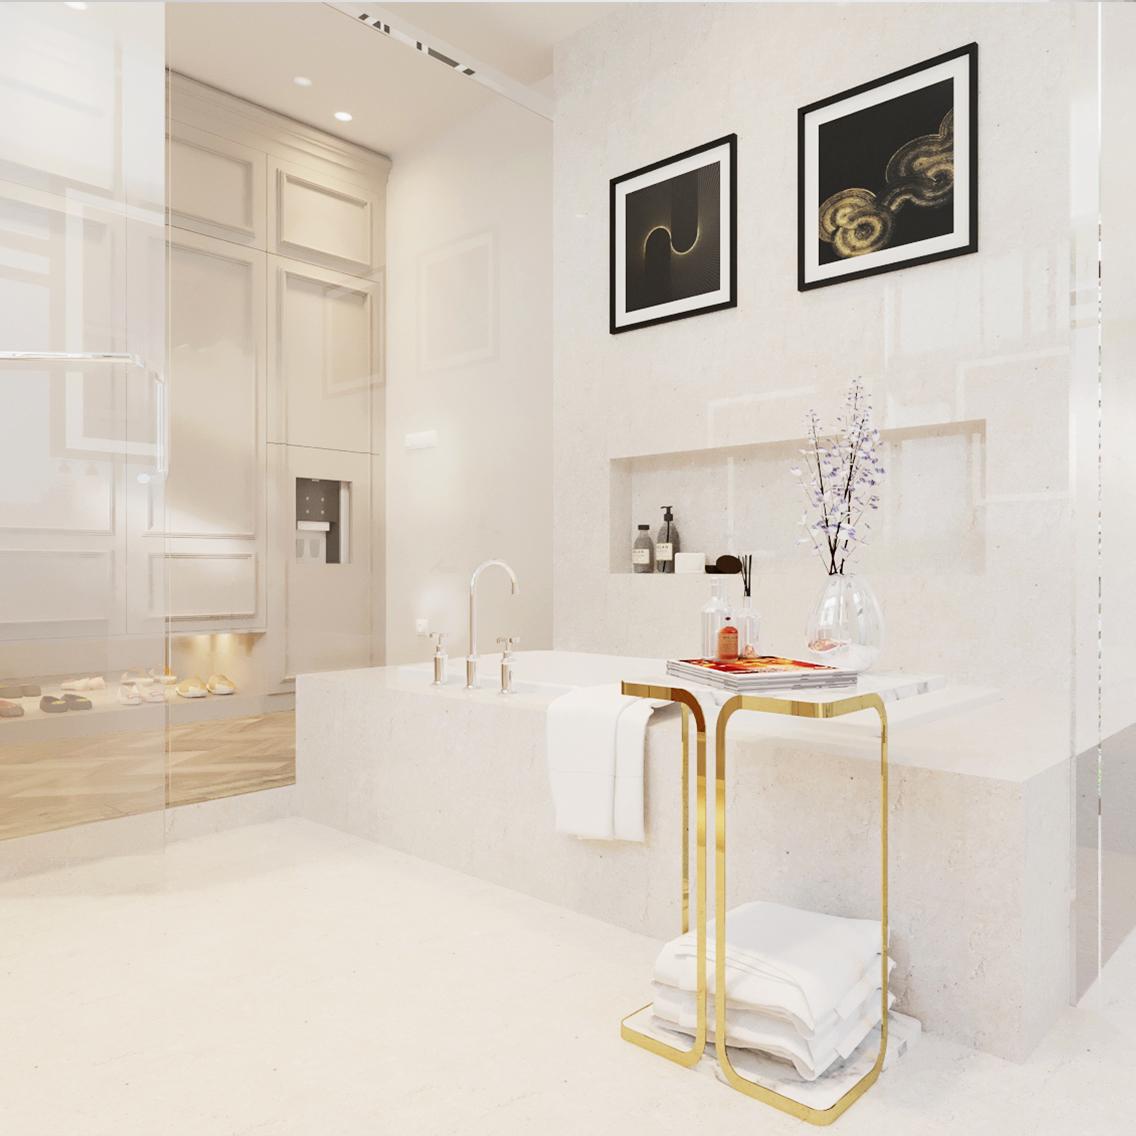 S House - Bathroom 2